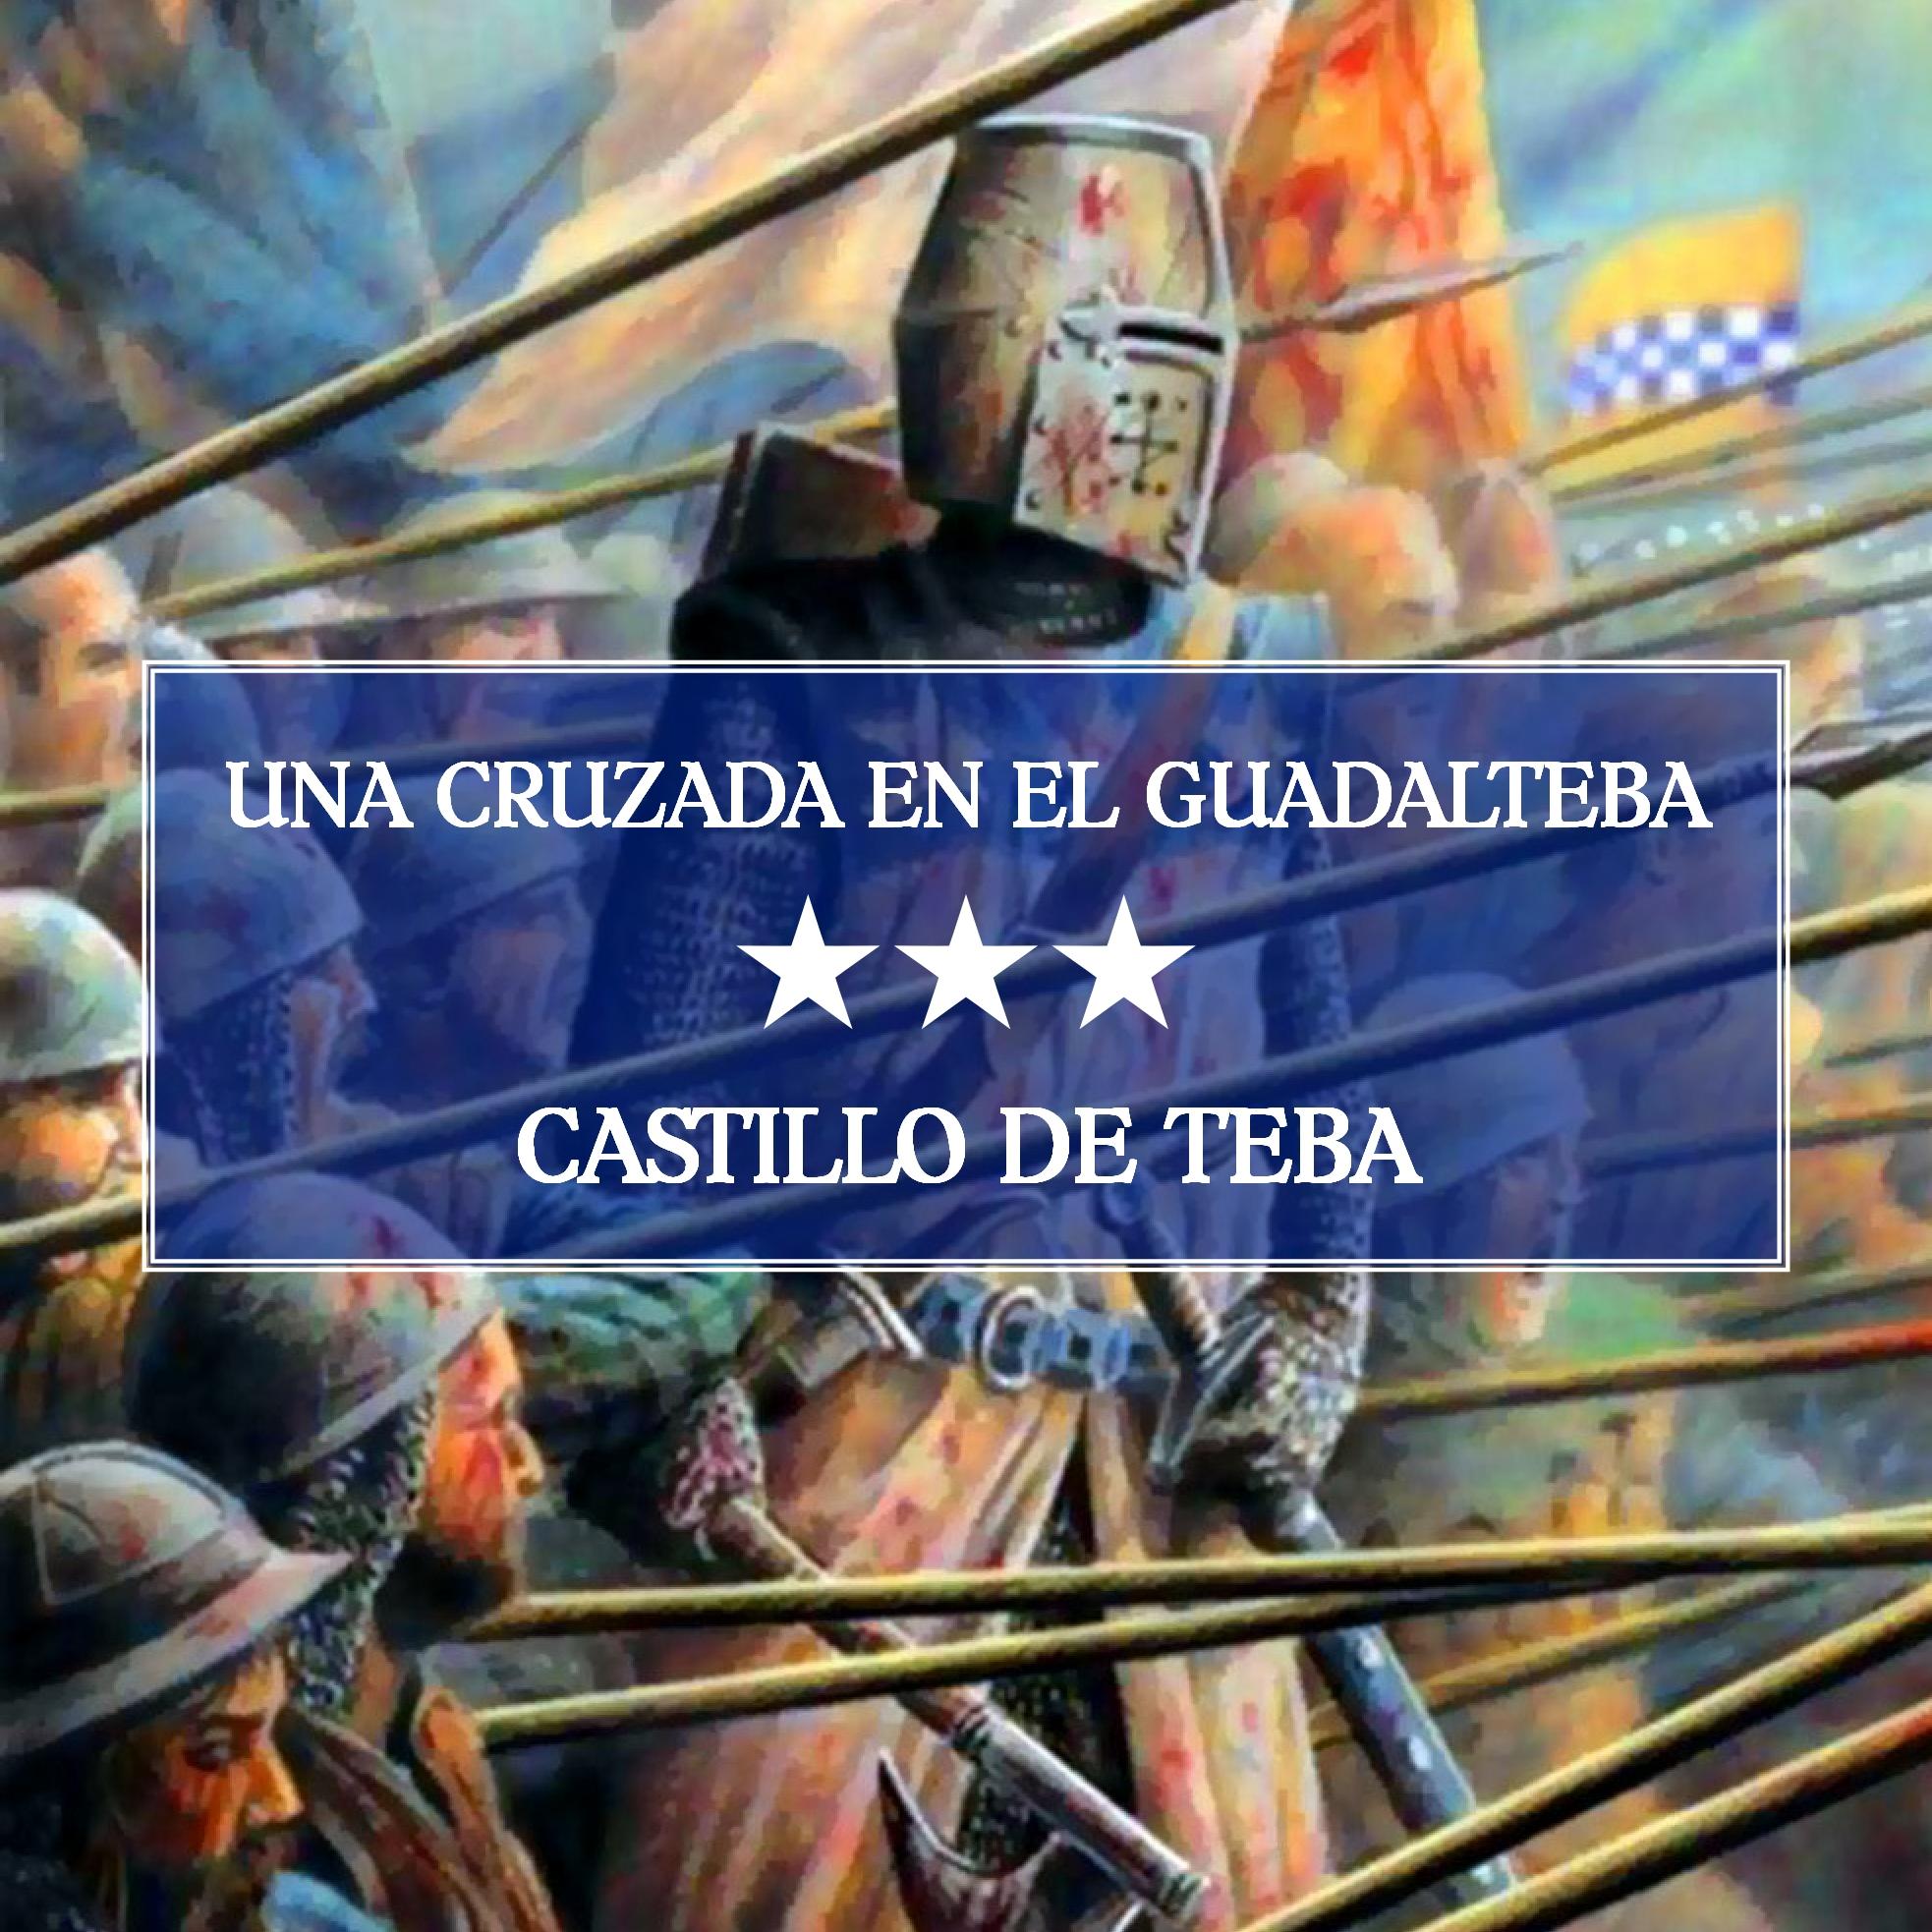 Centro De Interpretación Teba Cruzada en el Guadalteba